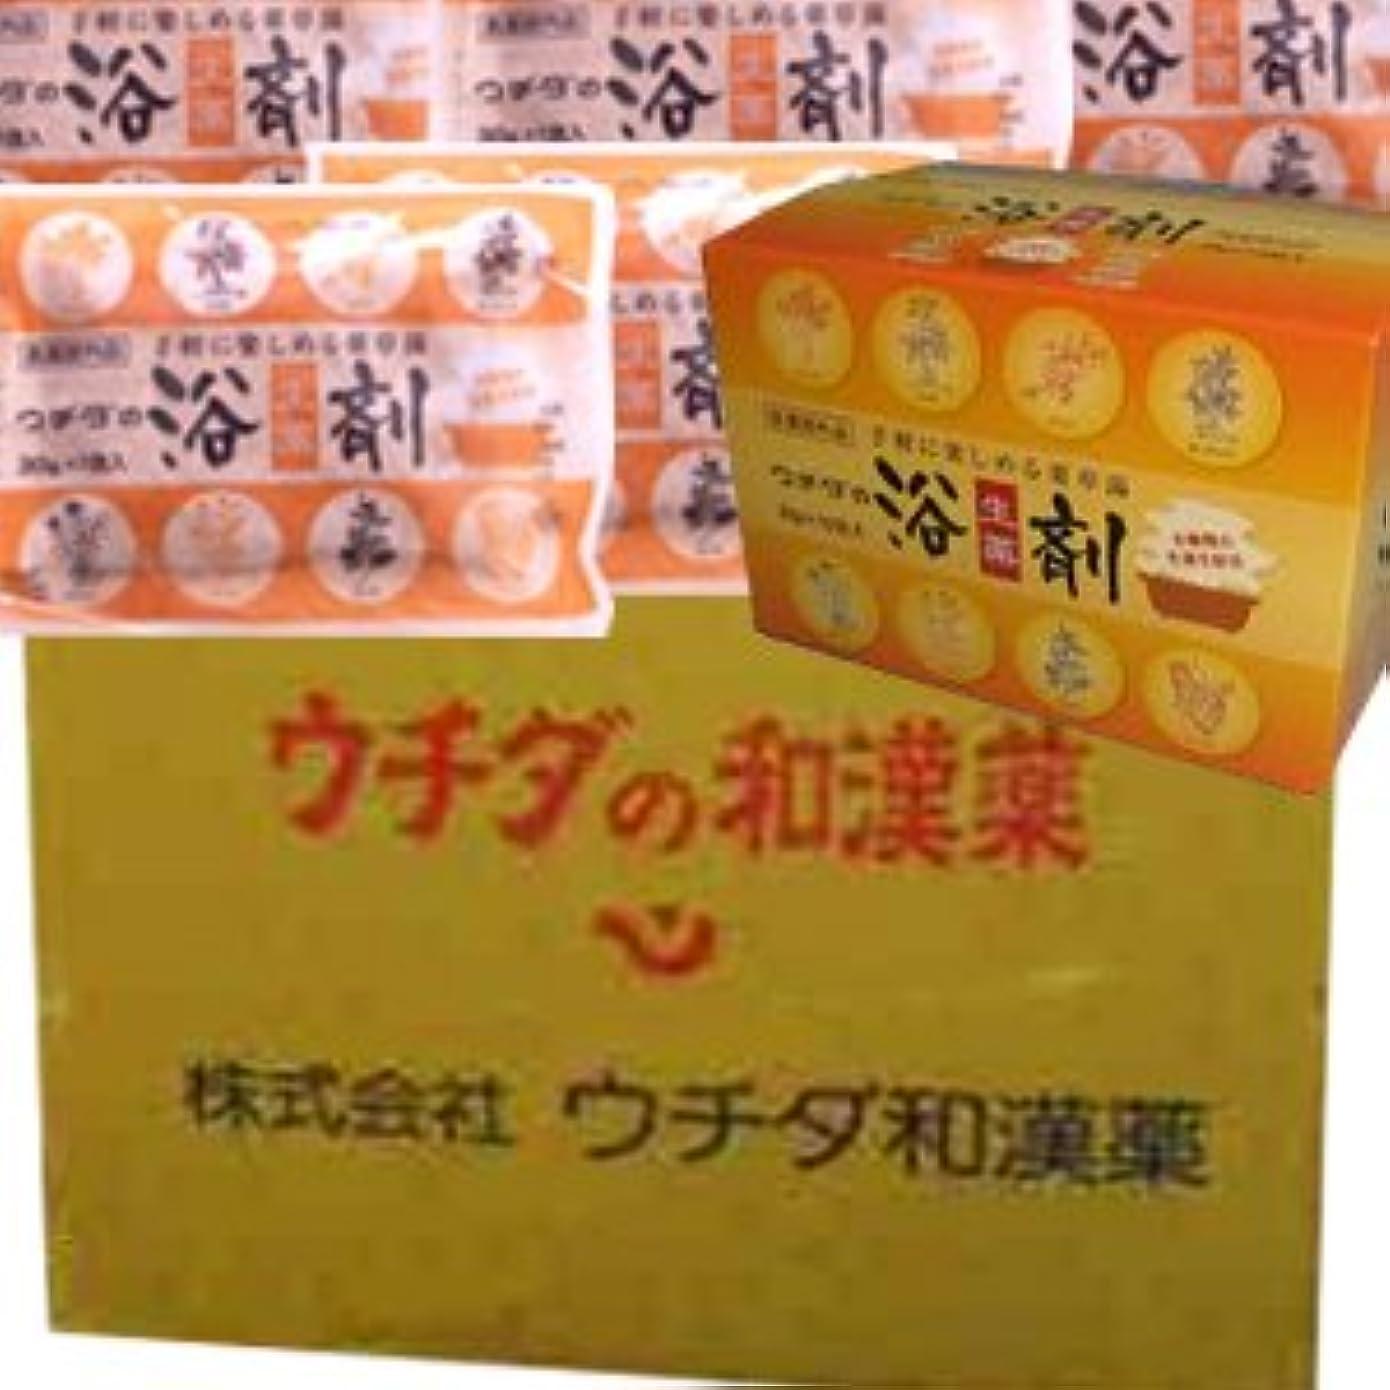 なんとなくインフルエンザ迷惑【12個1ケース】 ウチダの浴剤 30g×10袋入×12個+6袋 (4987359400025)